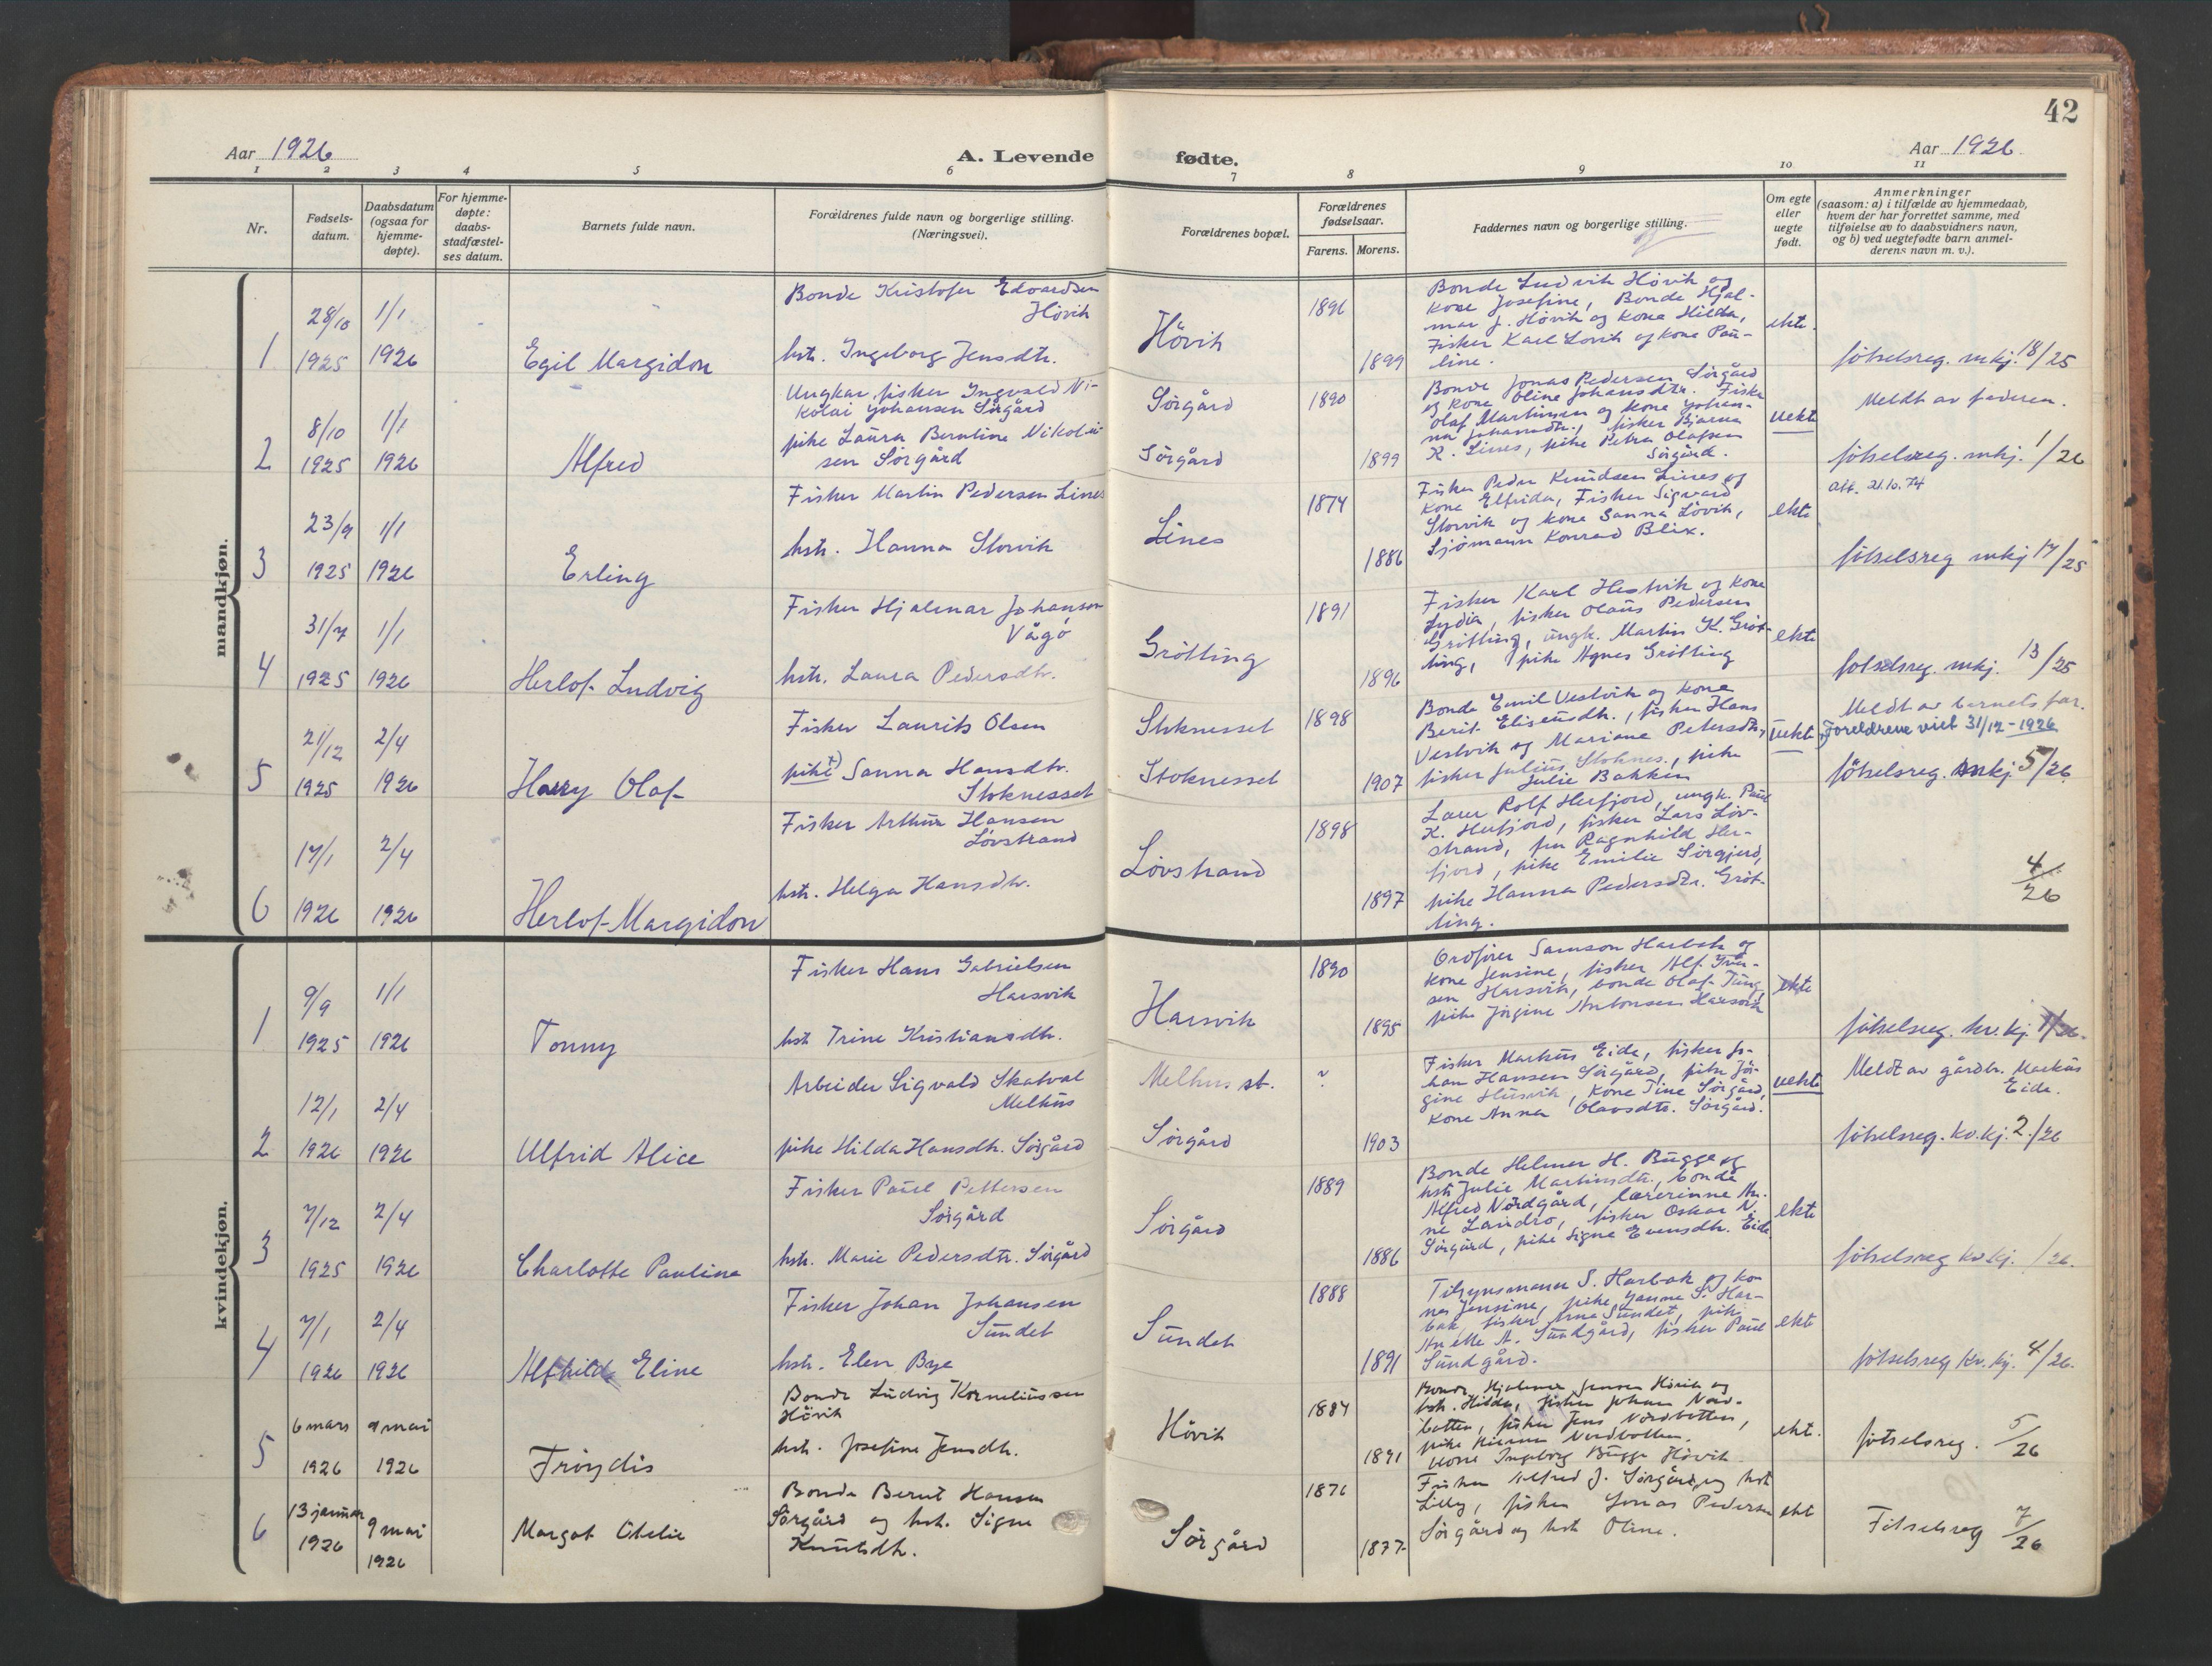 SAT, Ministerialprotokoller, klokkerbøker og fødselsregistre - Sør-Trøndelag, 656/L0694: Ministerialbok nr. 656A03, 1914-1931, s. 42